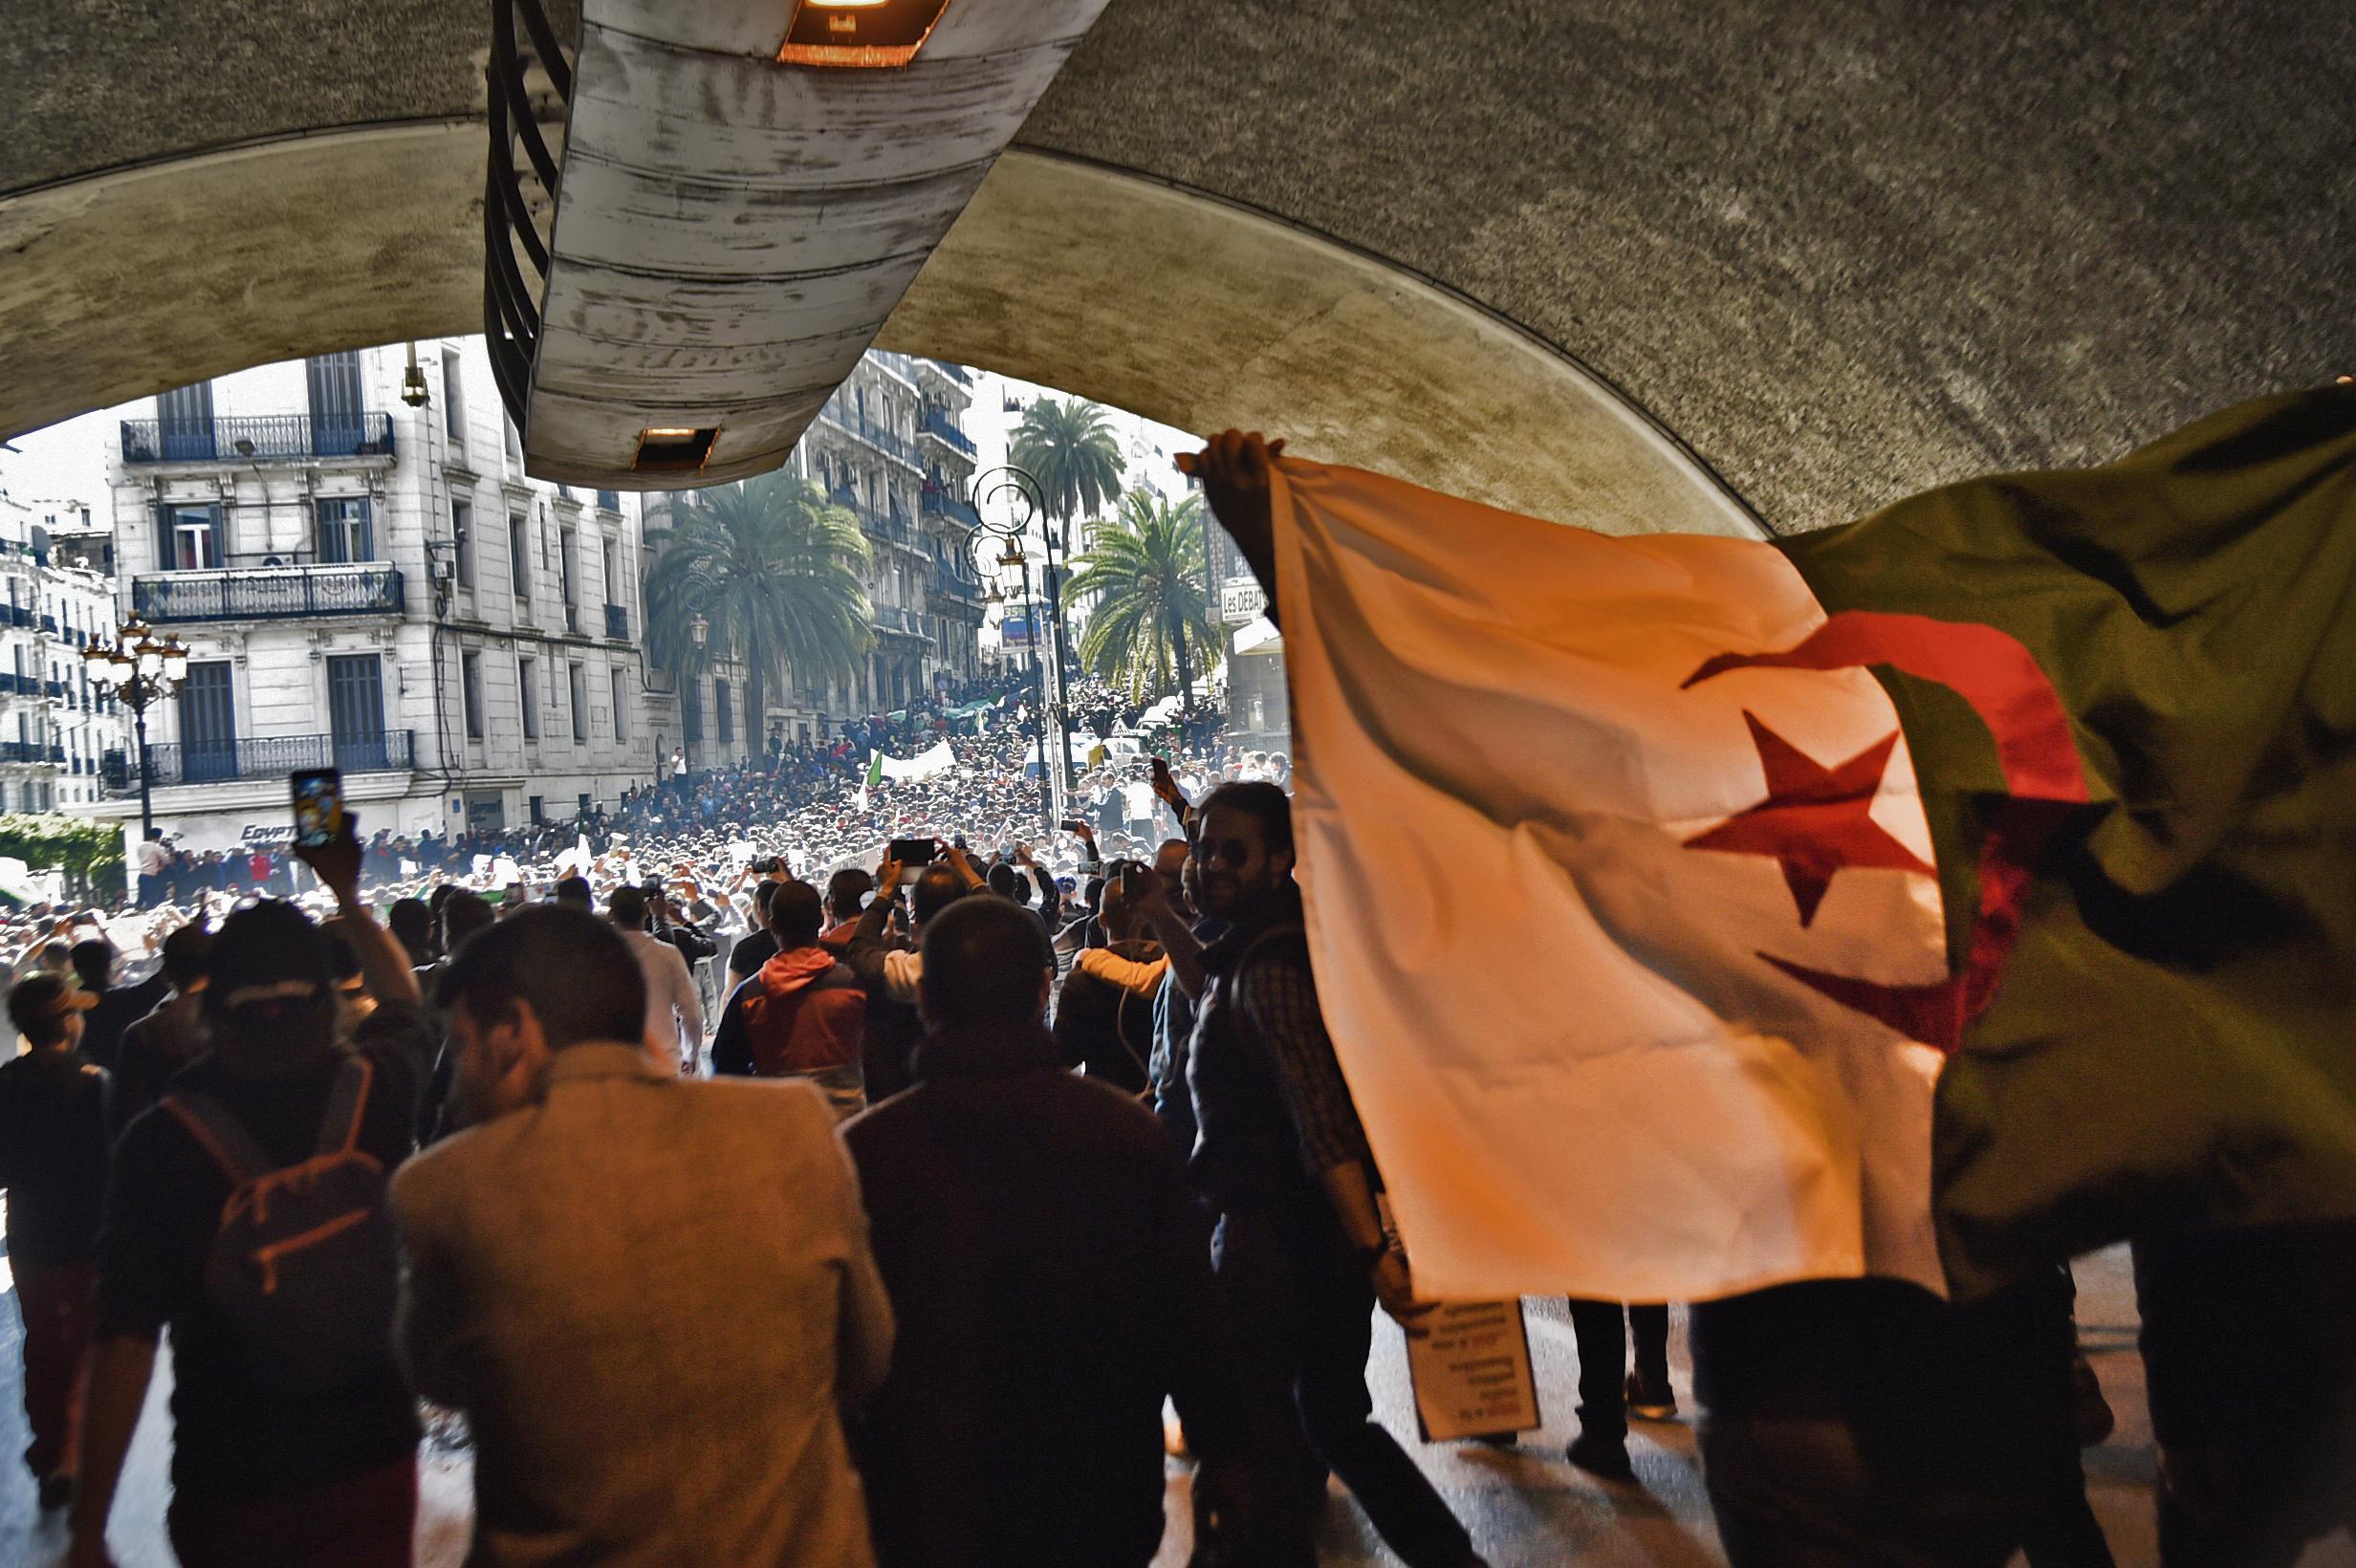 محتجون في النفق المؤدي إلى ساحة أودان بوسط الجزائر العاصمة